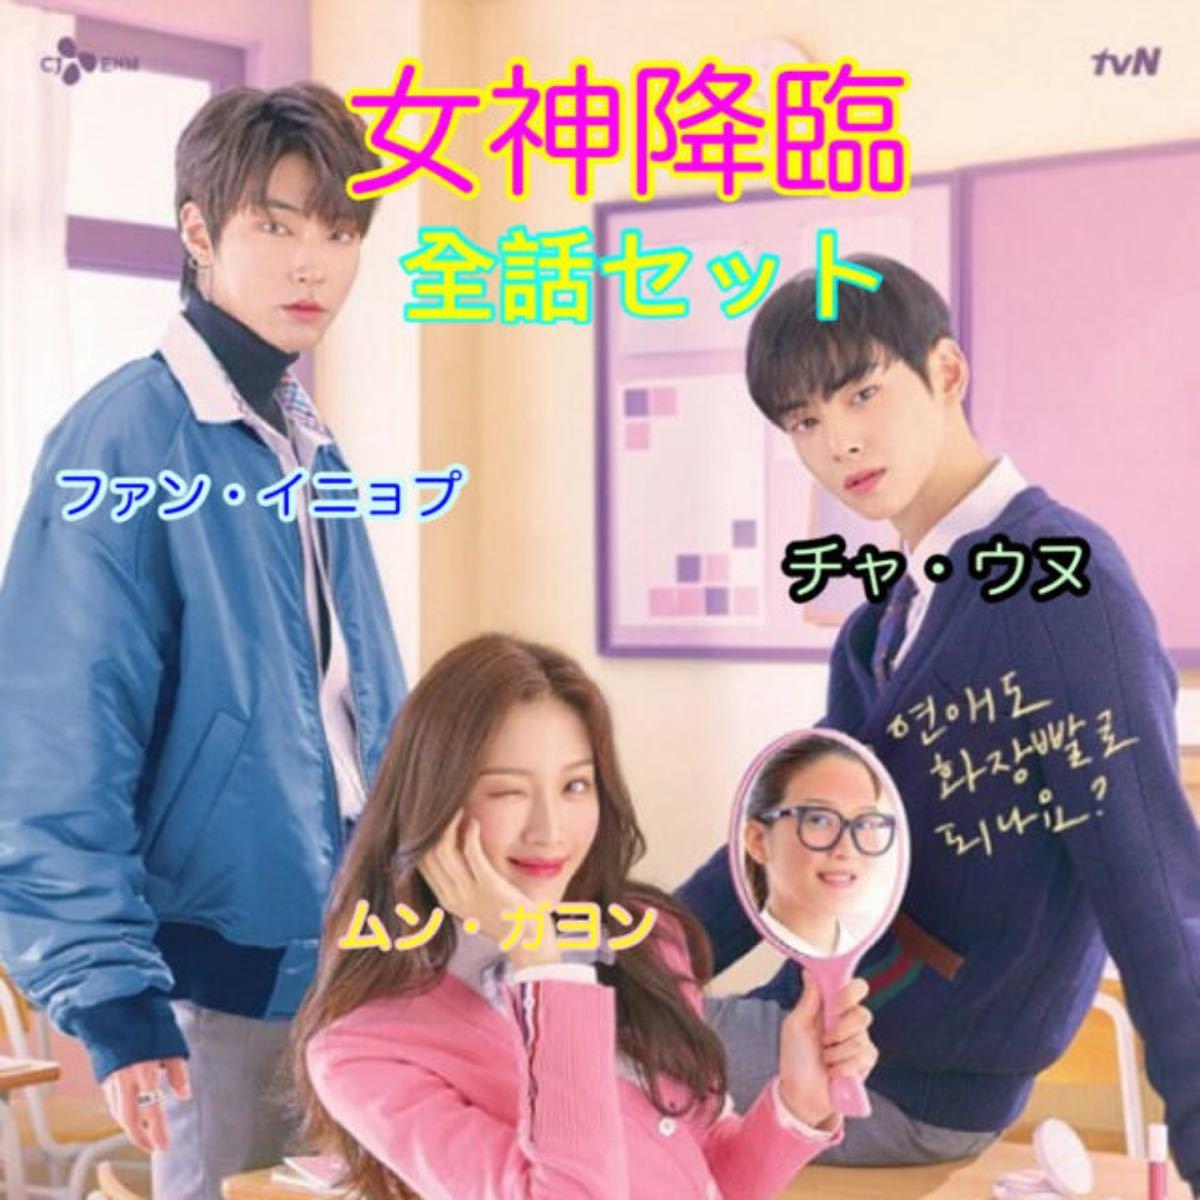 韓国ドラマ 女神降臨 DVD『レーベル印刷有り』全話